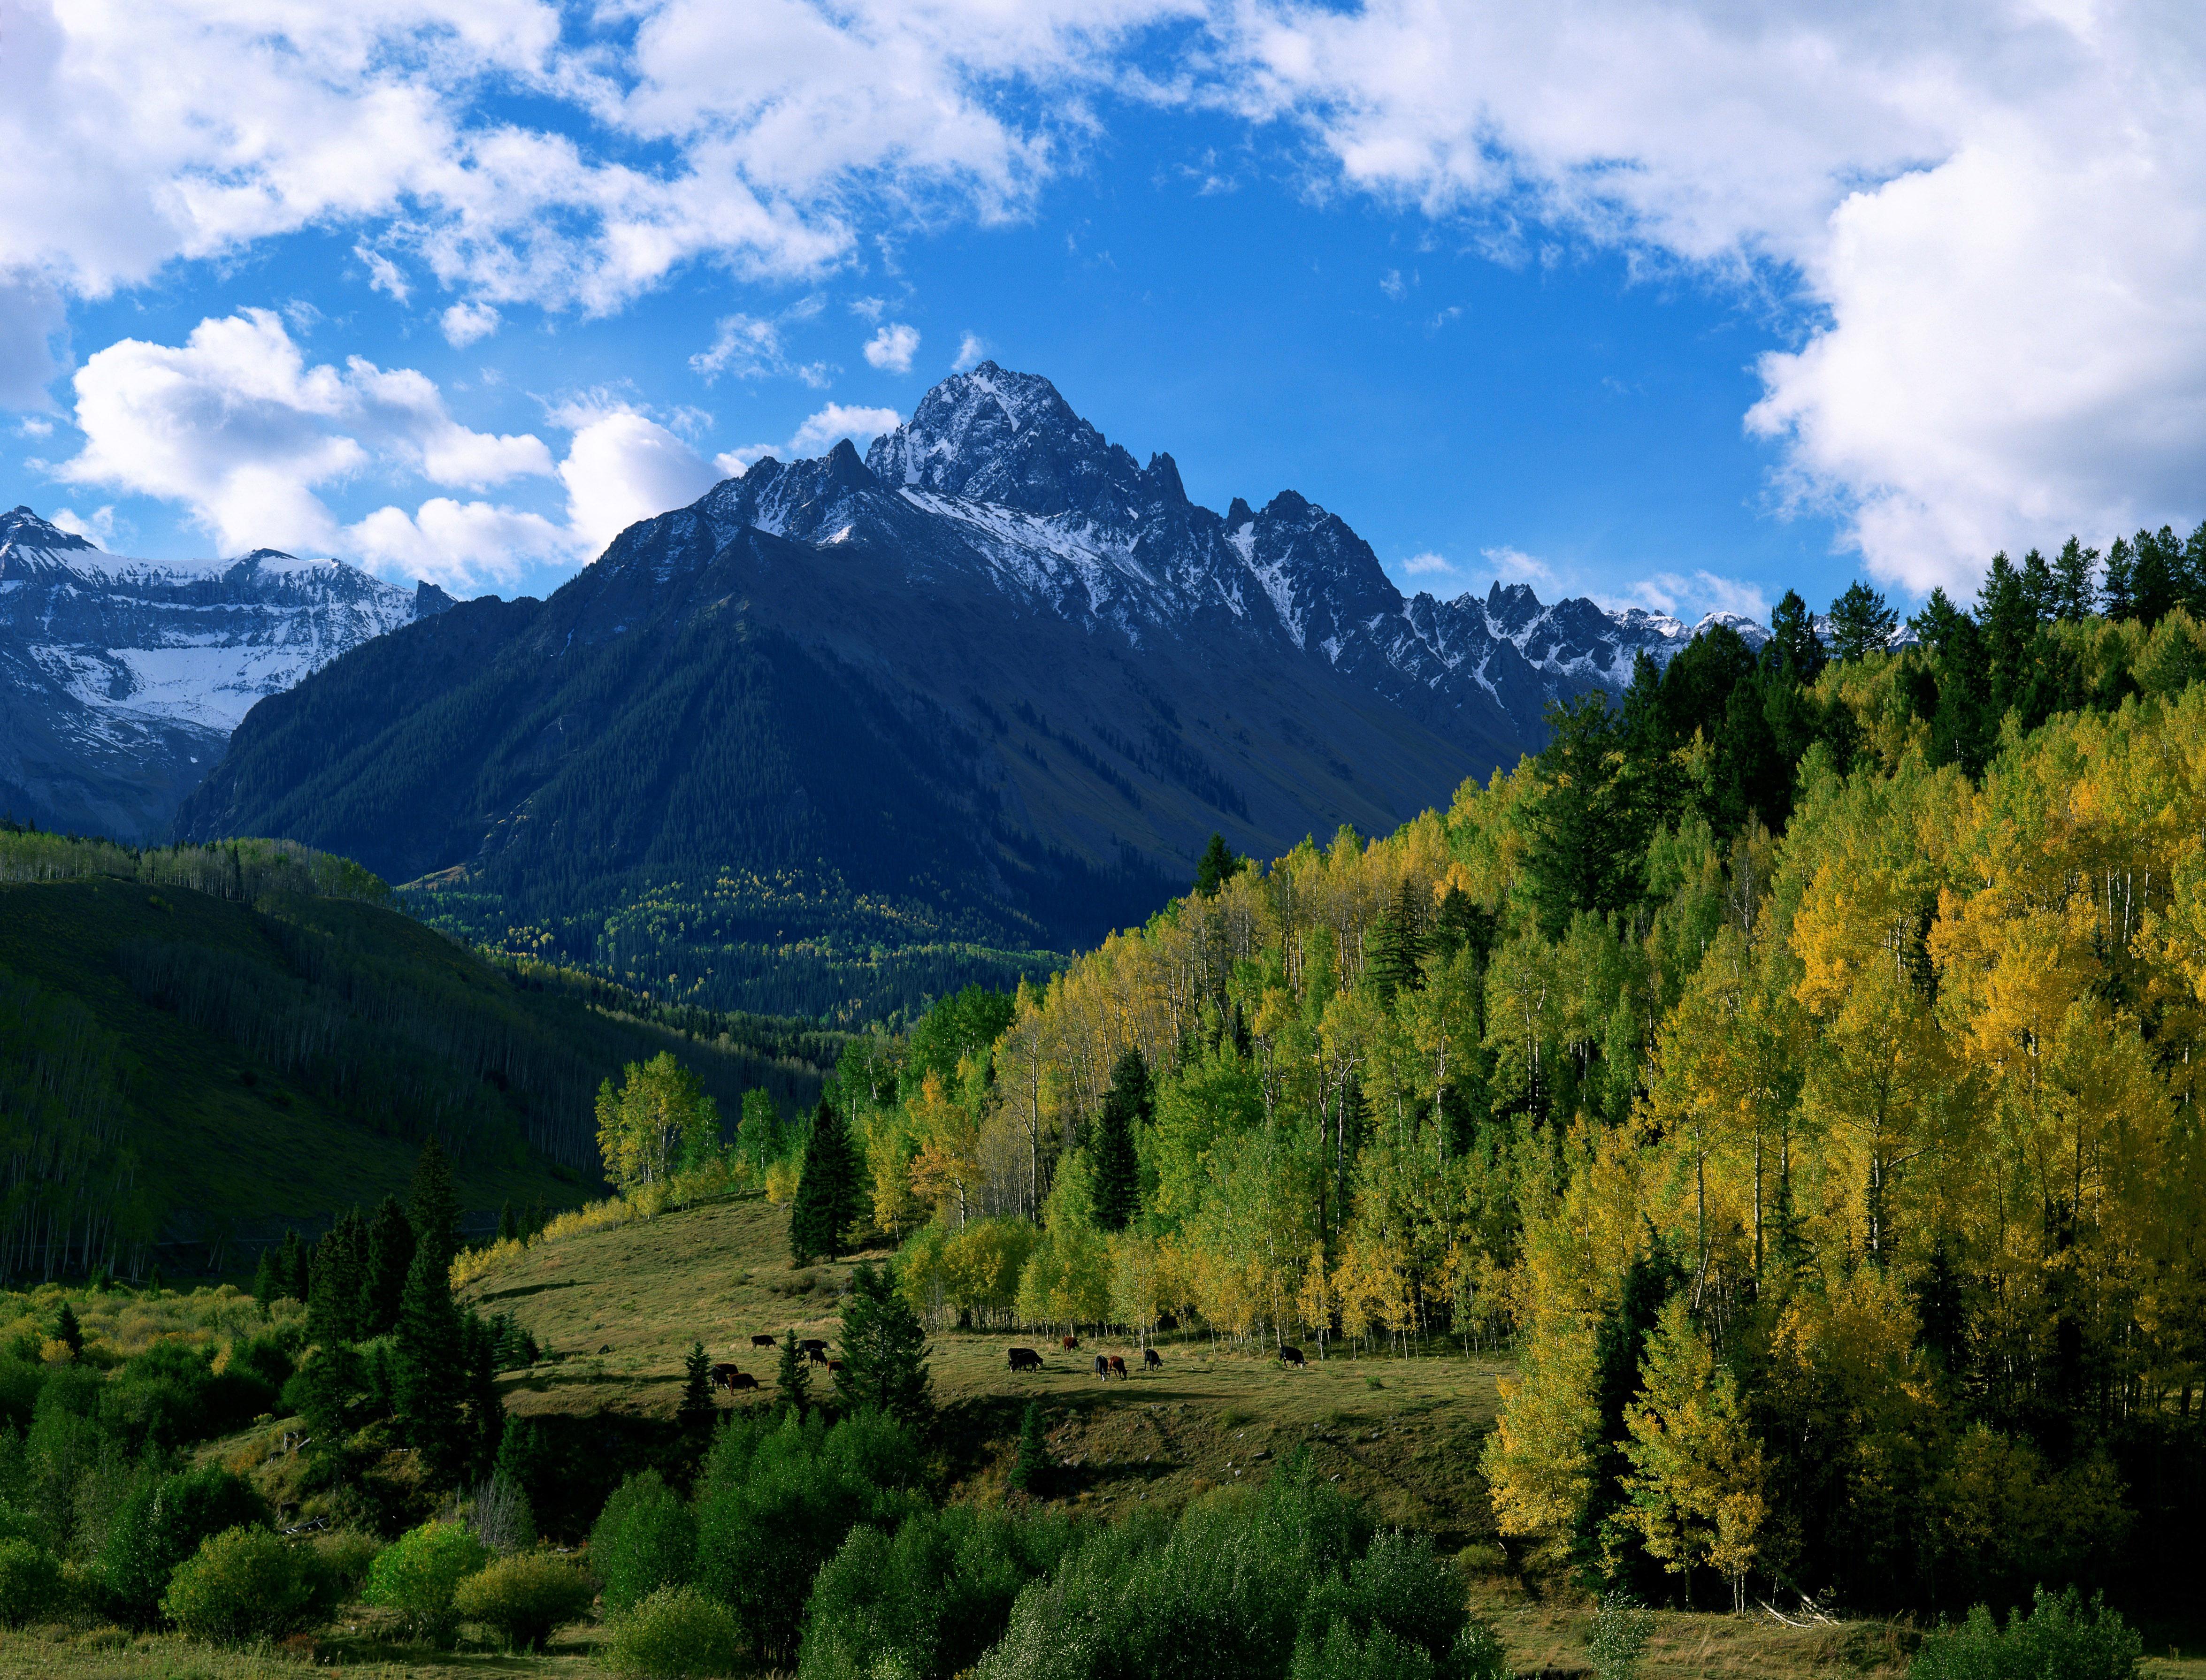 горы, лес, деревья бесплатно